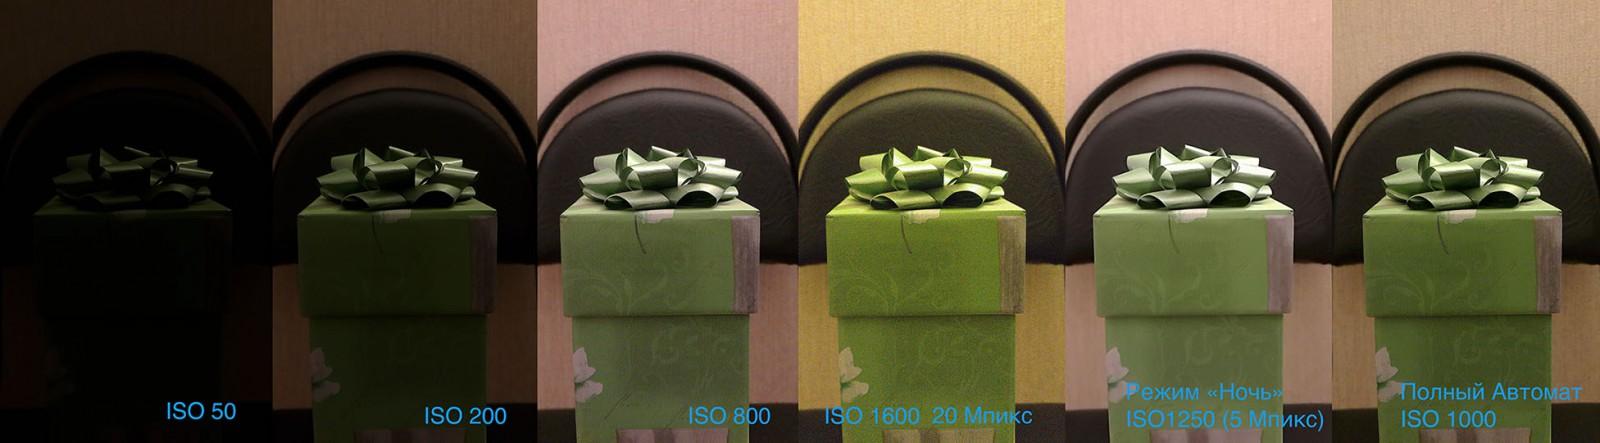 Тест ночной съемки на Meizu MX4 Pro